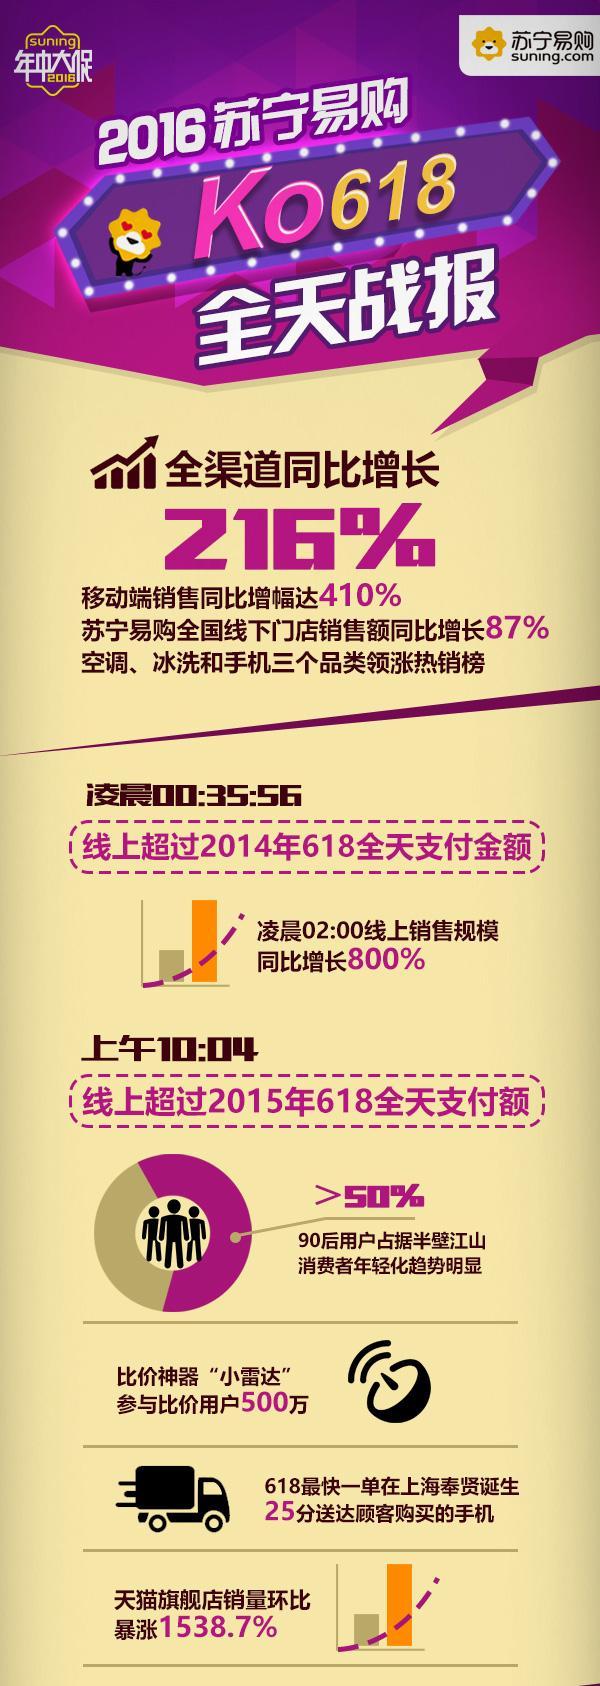 大屏彩电送装一体服务增长110%:苏宁引